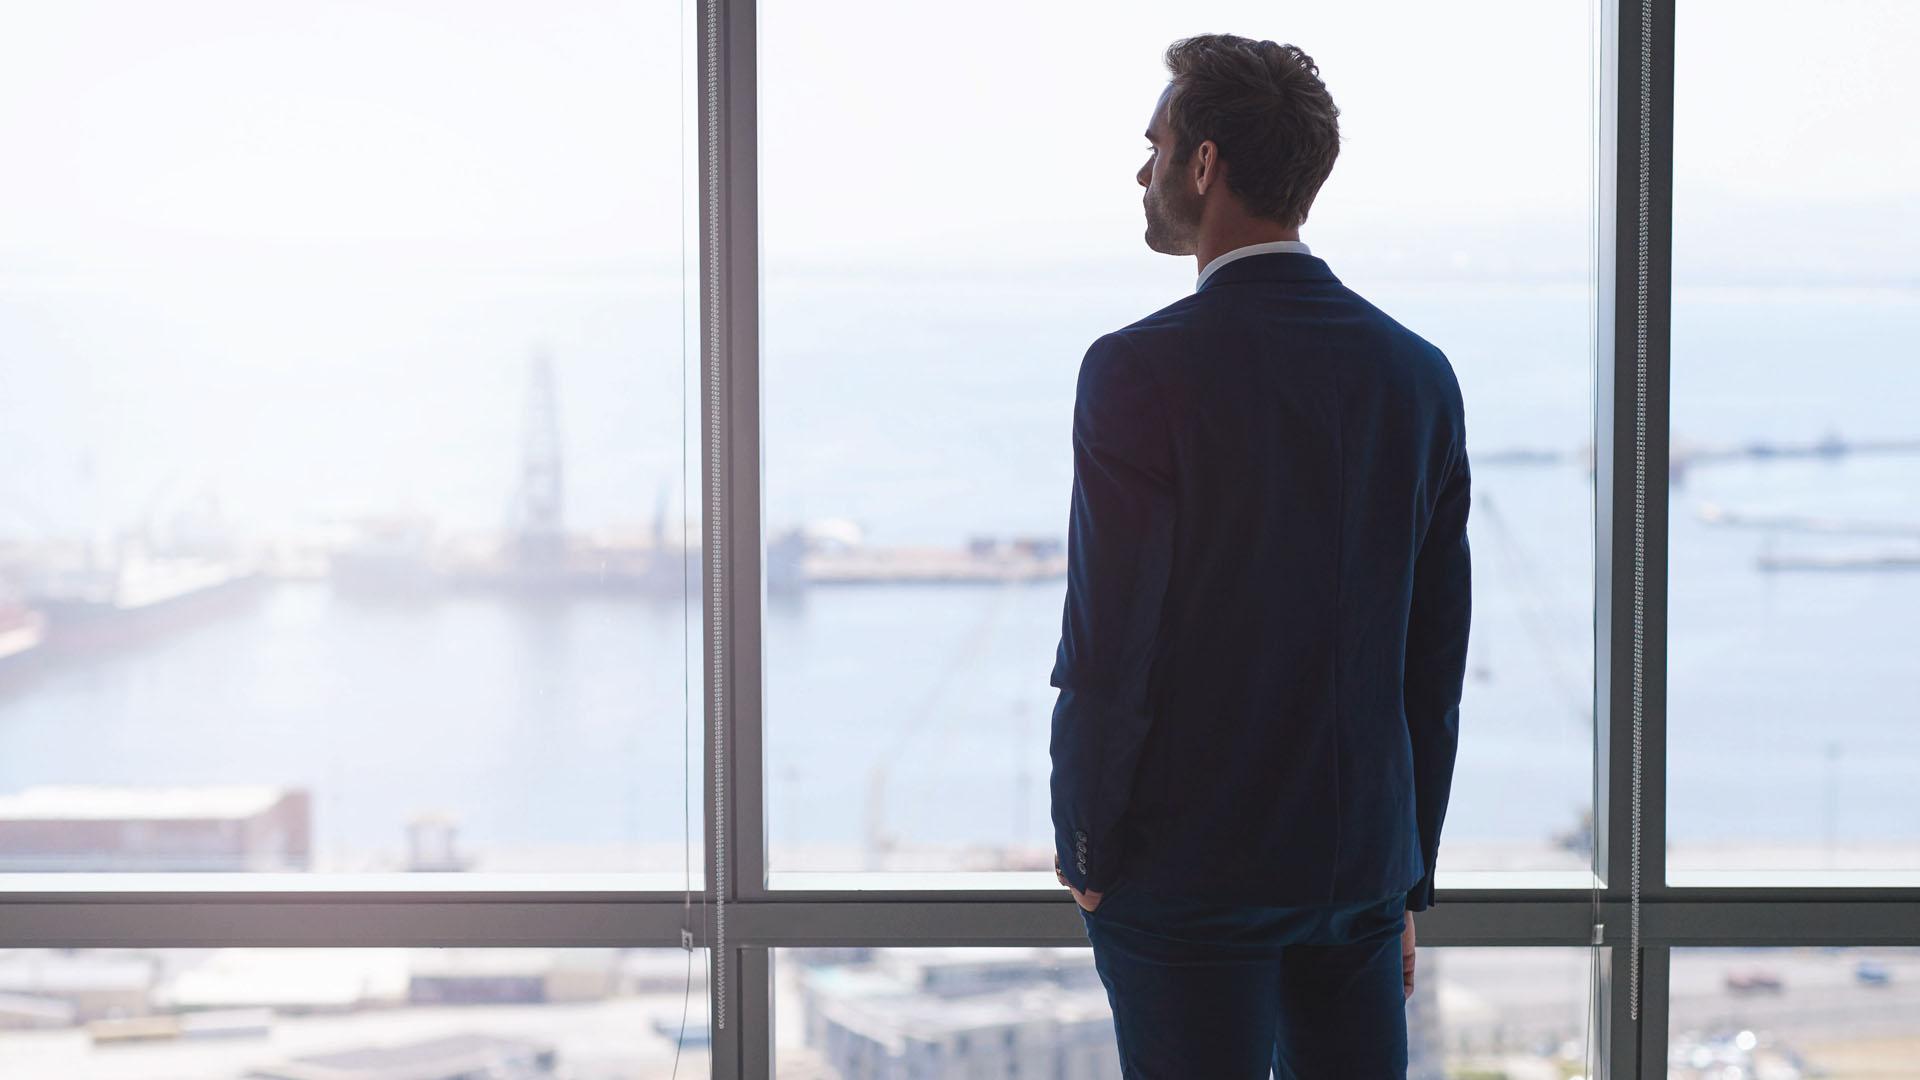 A imagem traz um vendedor olhando pela janela e refletindo sobre as suas vendas